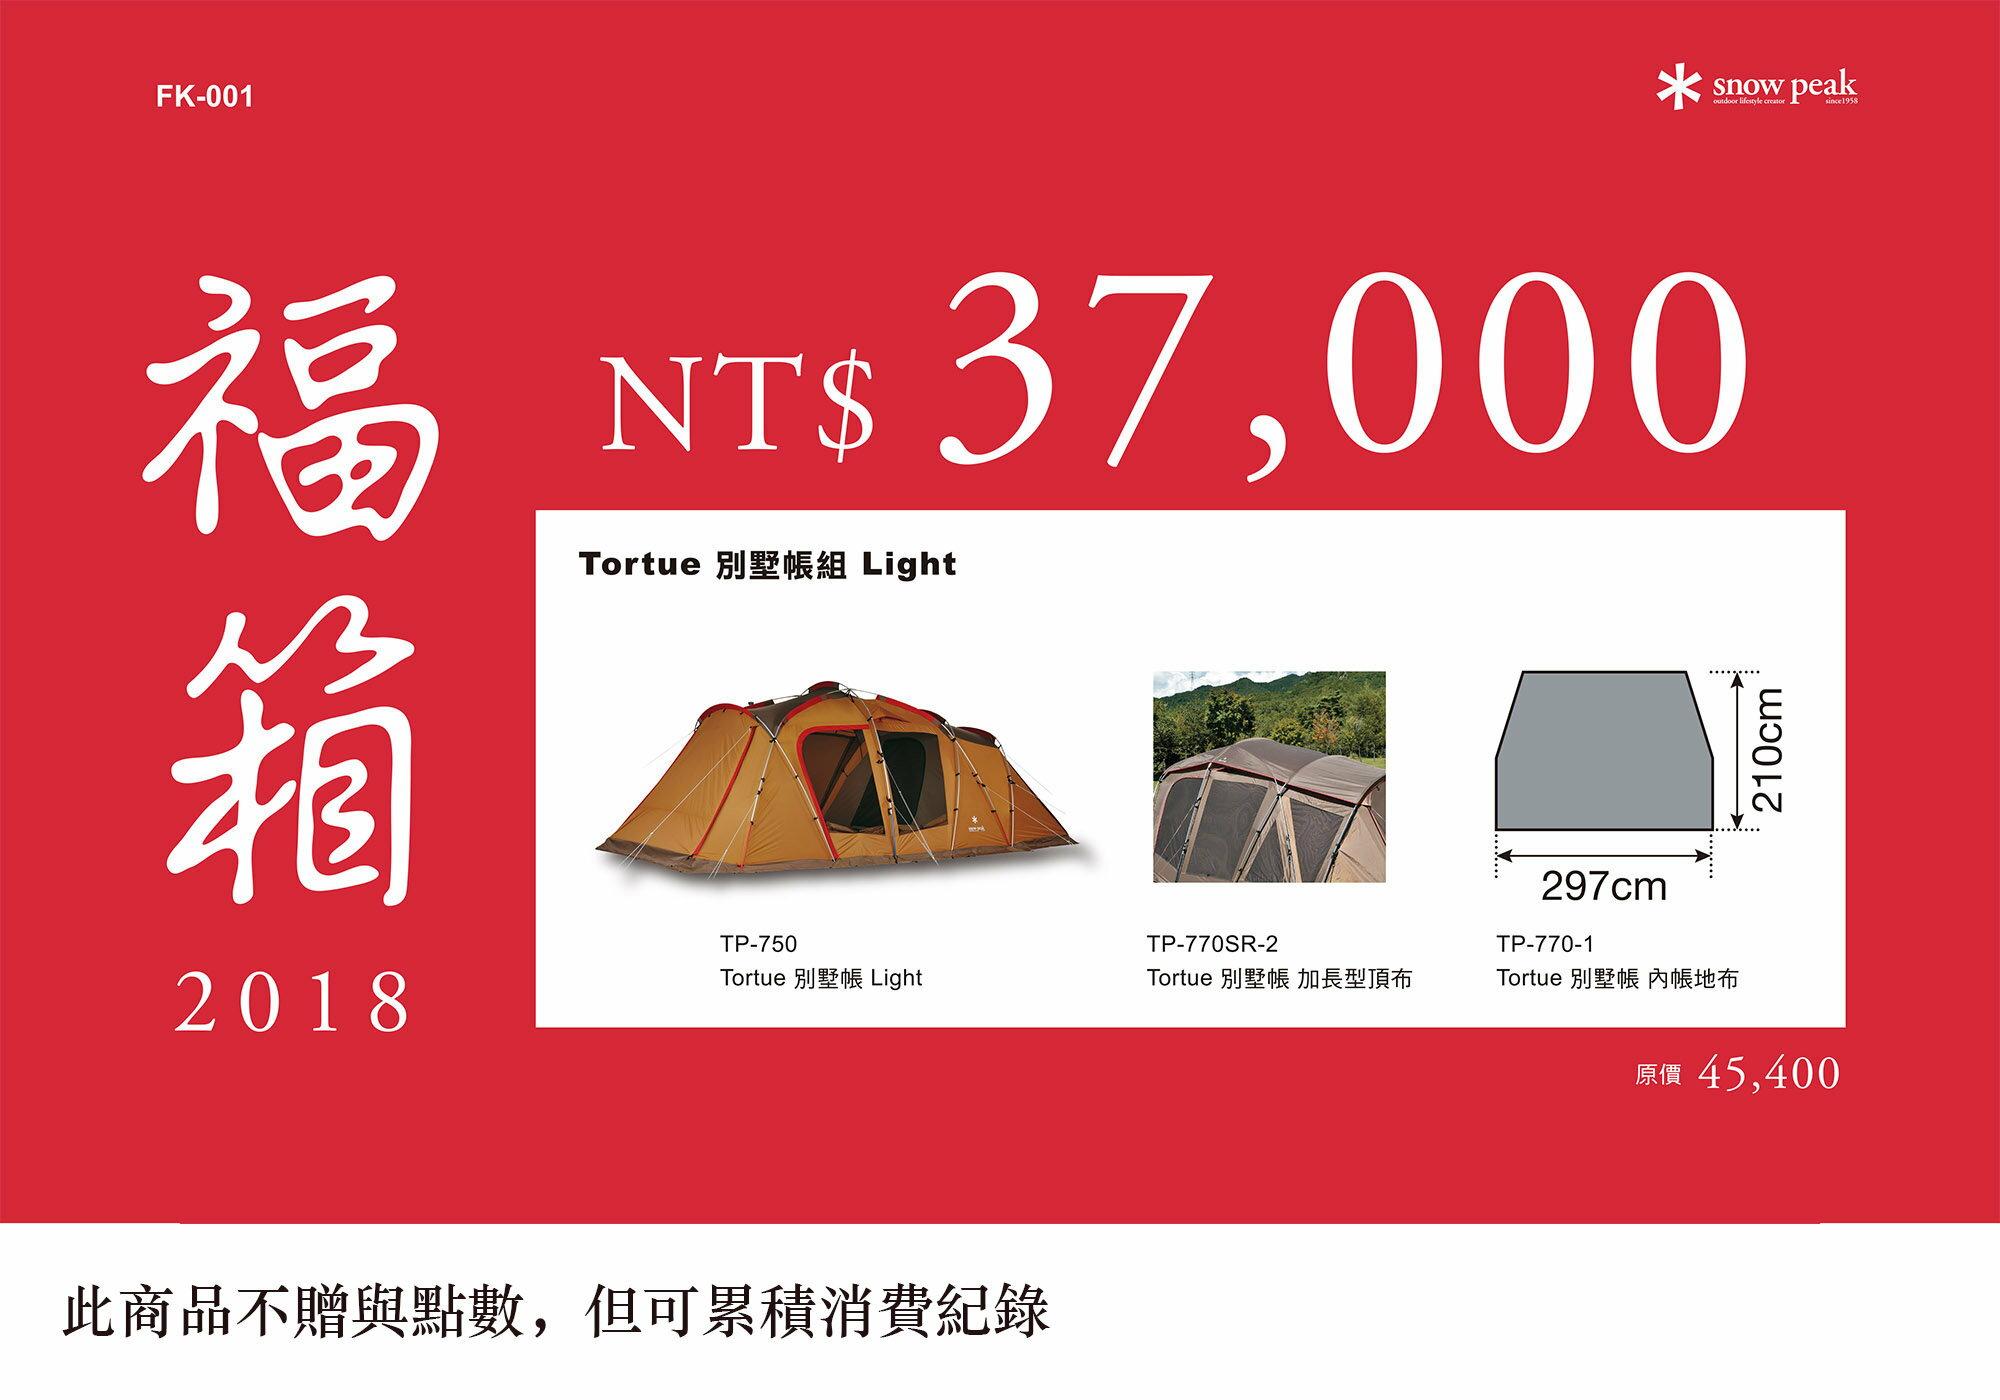 ├登山樂┤日本 Snow Peak 新春福箱 TP-750 Tortue 別墅帳組 Light+頂布 地布 # FK-001